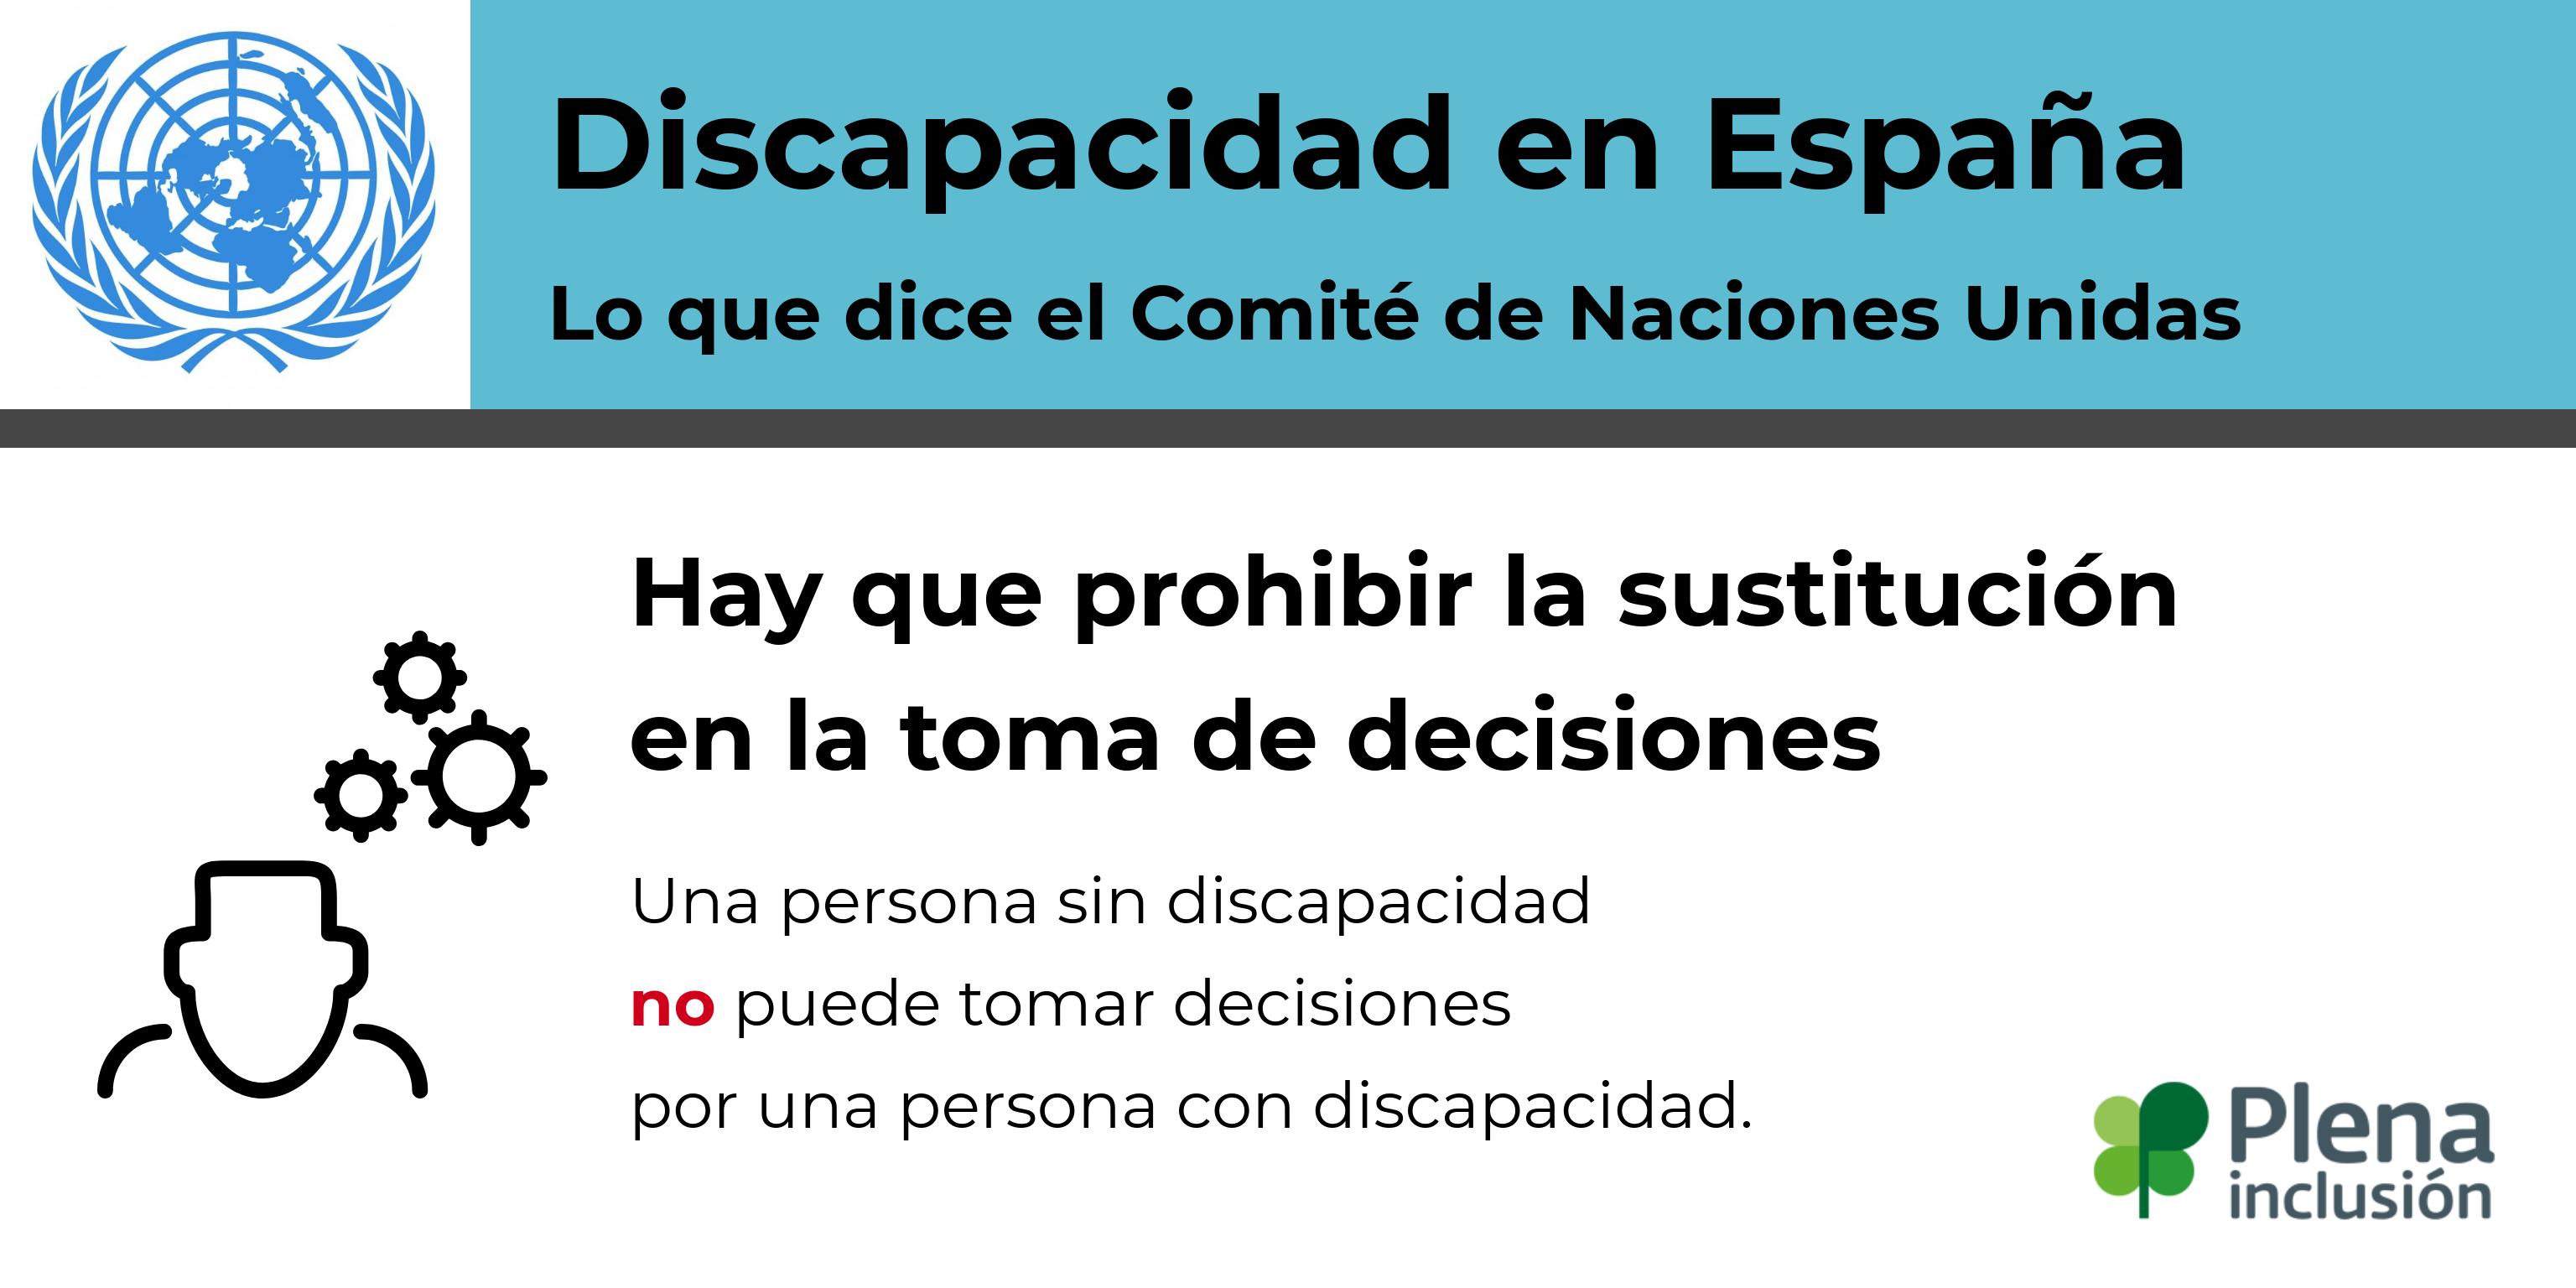 Discapacidad en España. Lo que dice Naciones Unidas. Hay que prohibir la sustitución en la toma de decisiones. Una persona sin discapacidad no puede tomar decisiones por una persona con discapacidad.